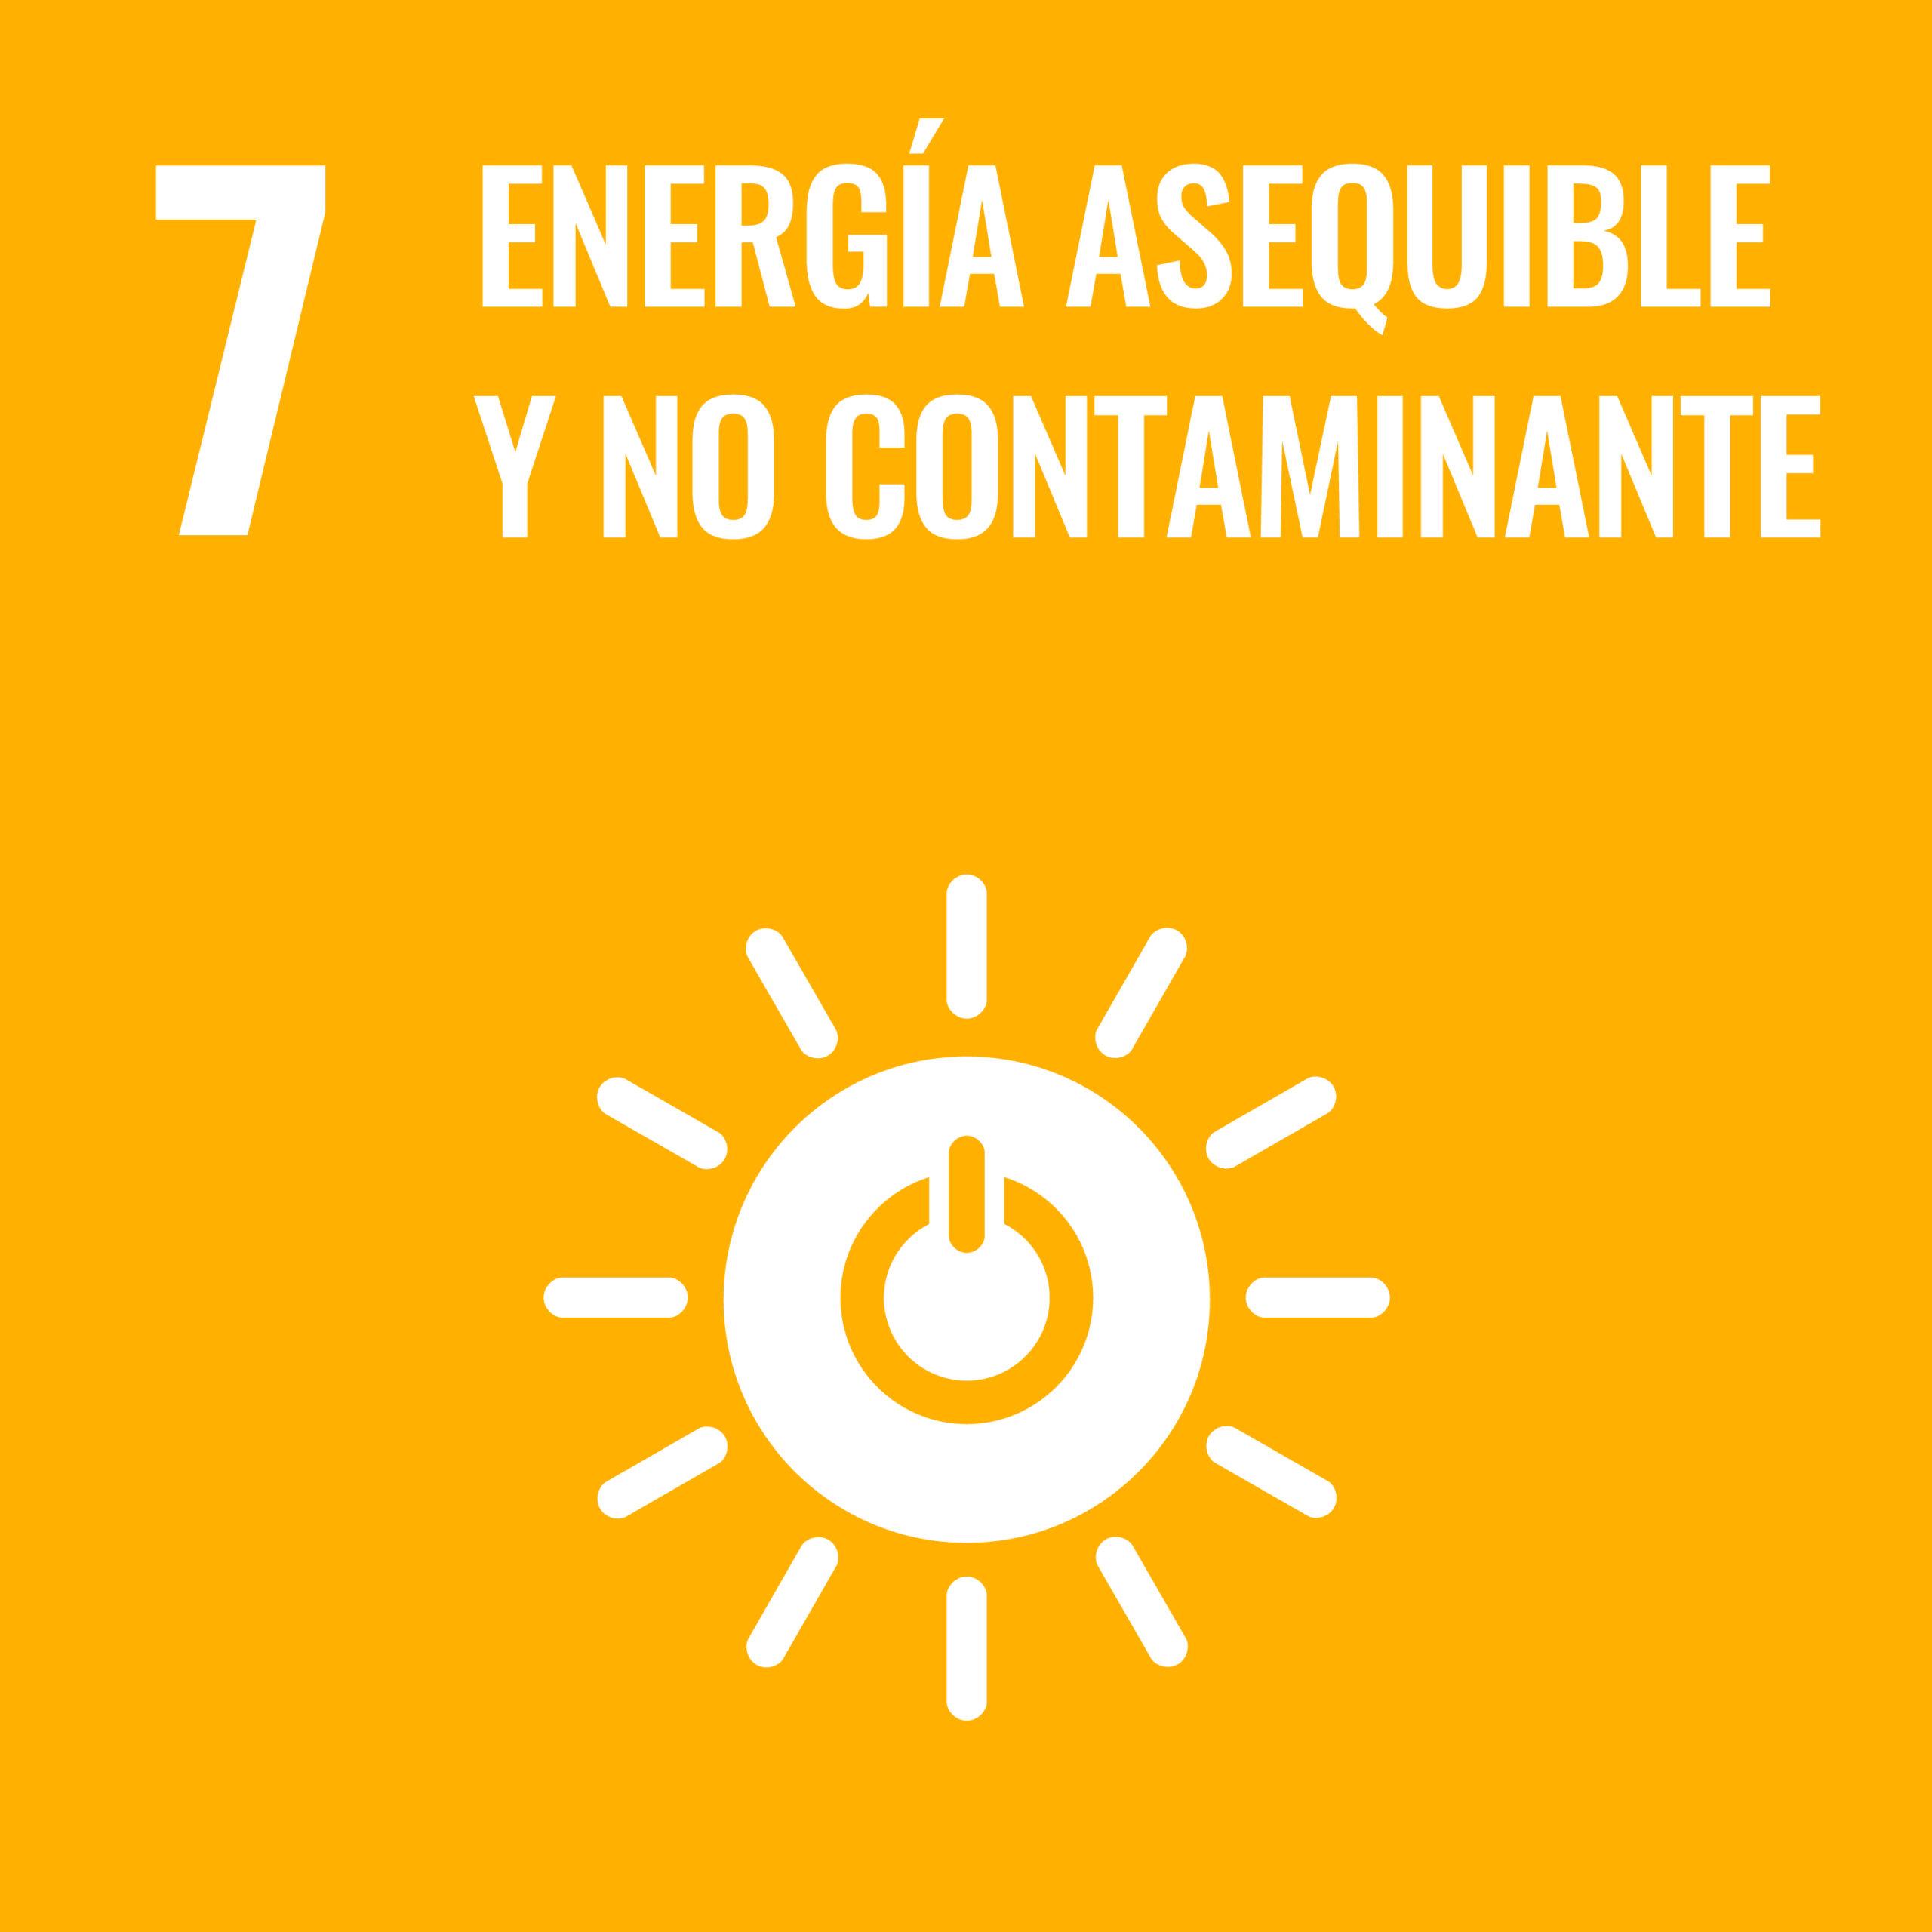 Energía no contaminante